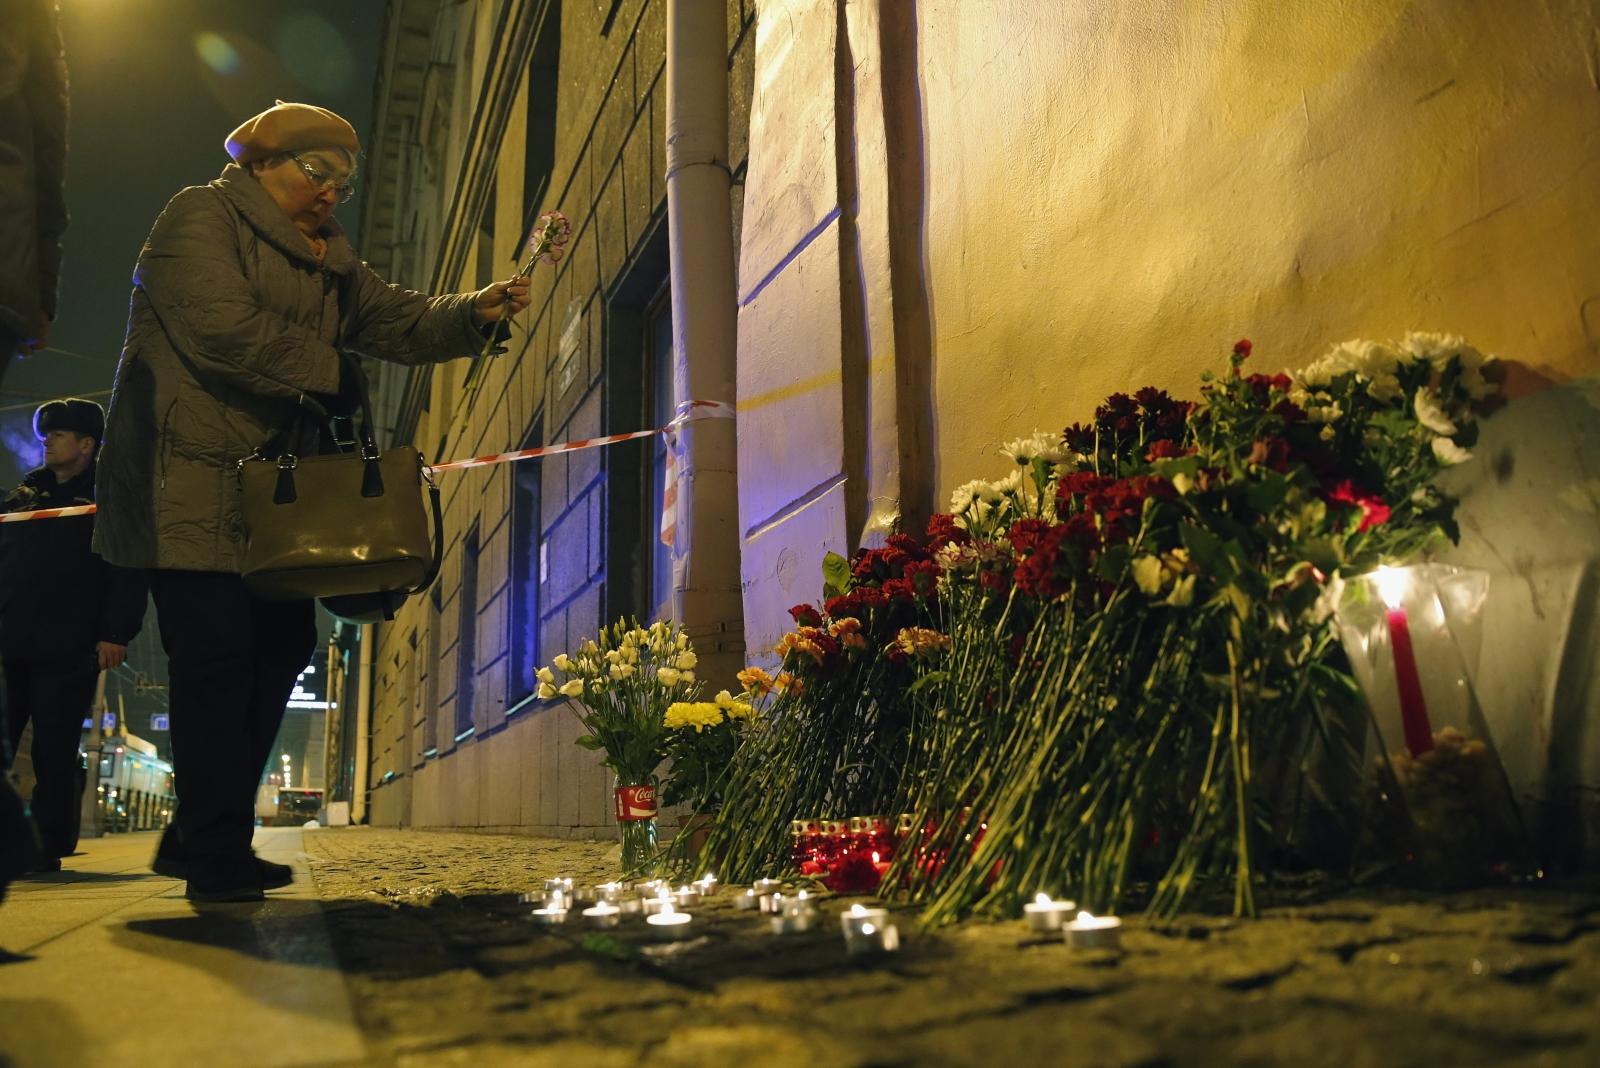 Ludzie palą świeczki w pobliżu stacji metra, gdzie doszło dziś do zamachu, Petersburg, Rosja.